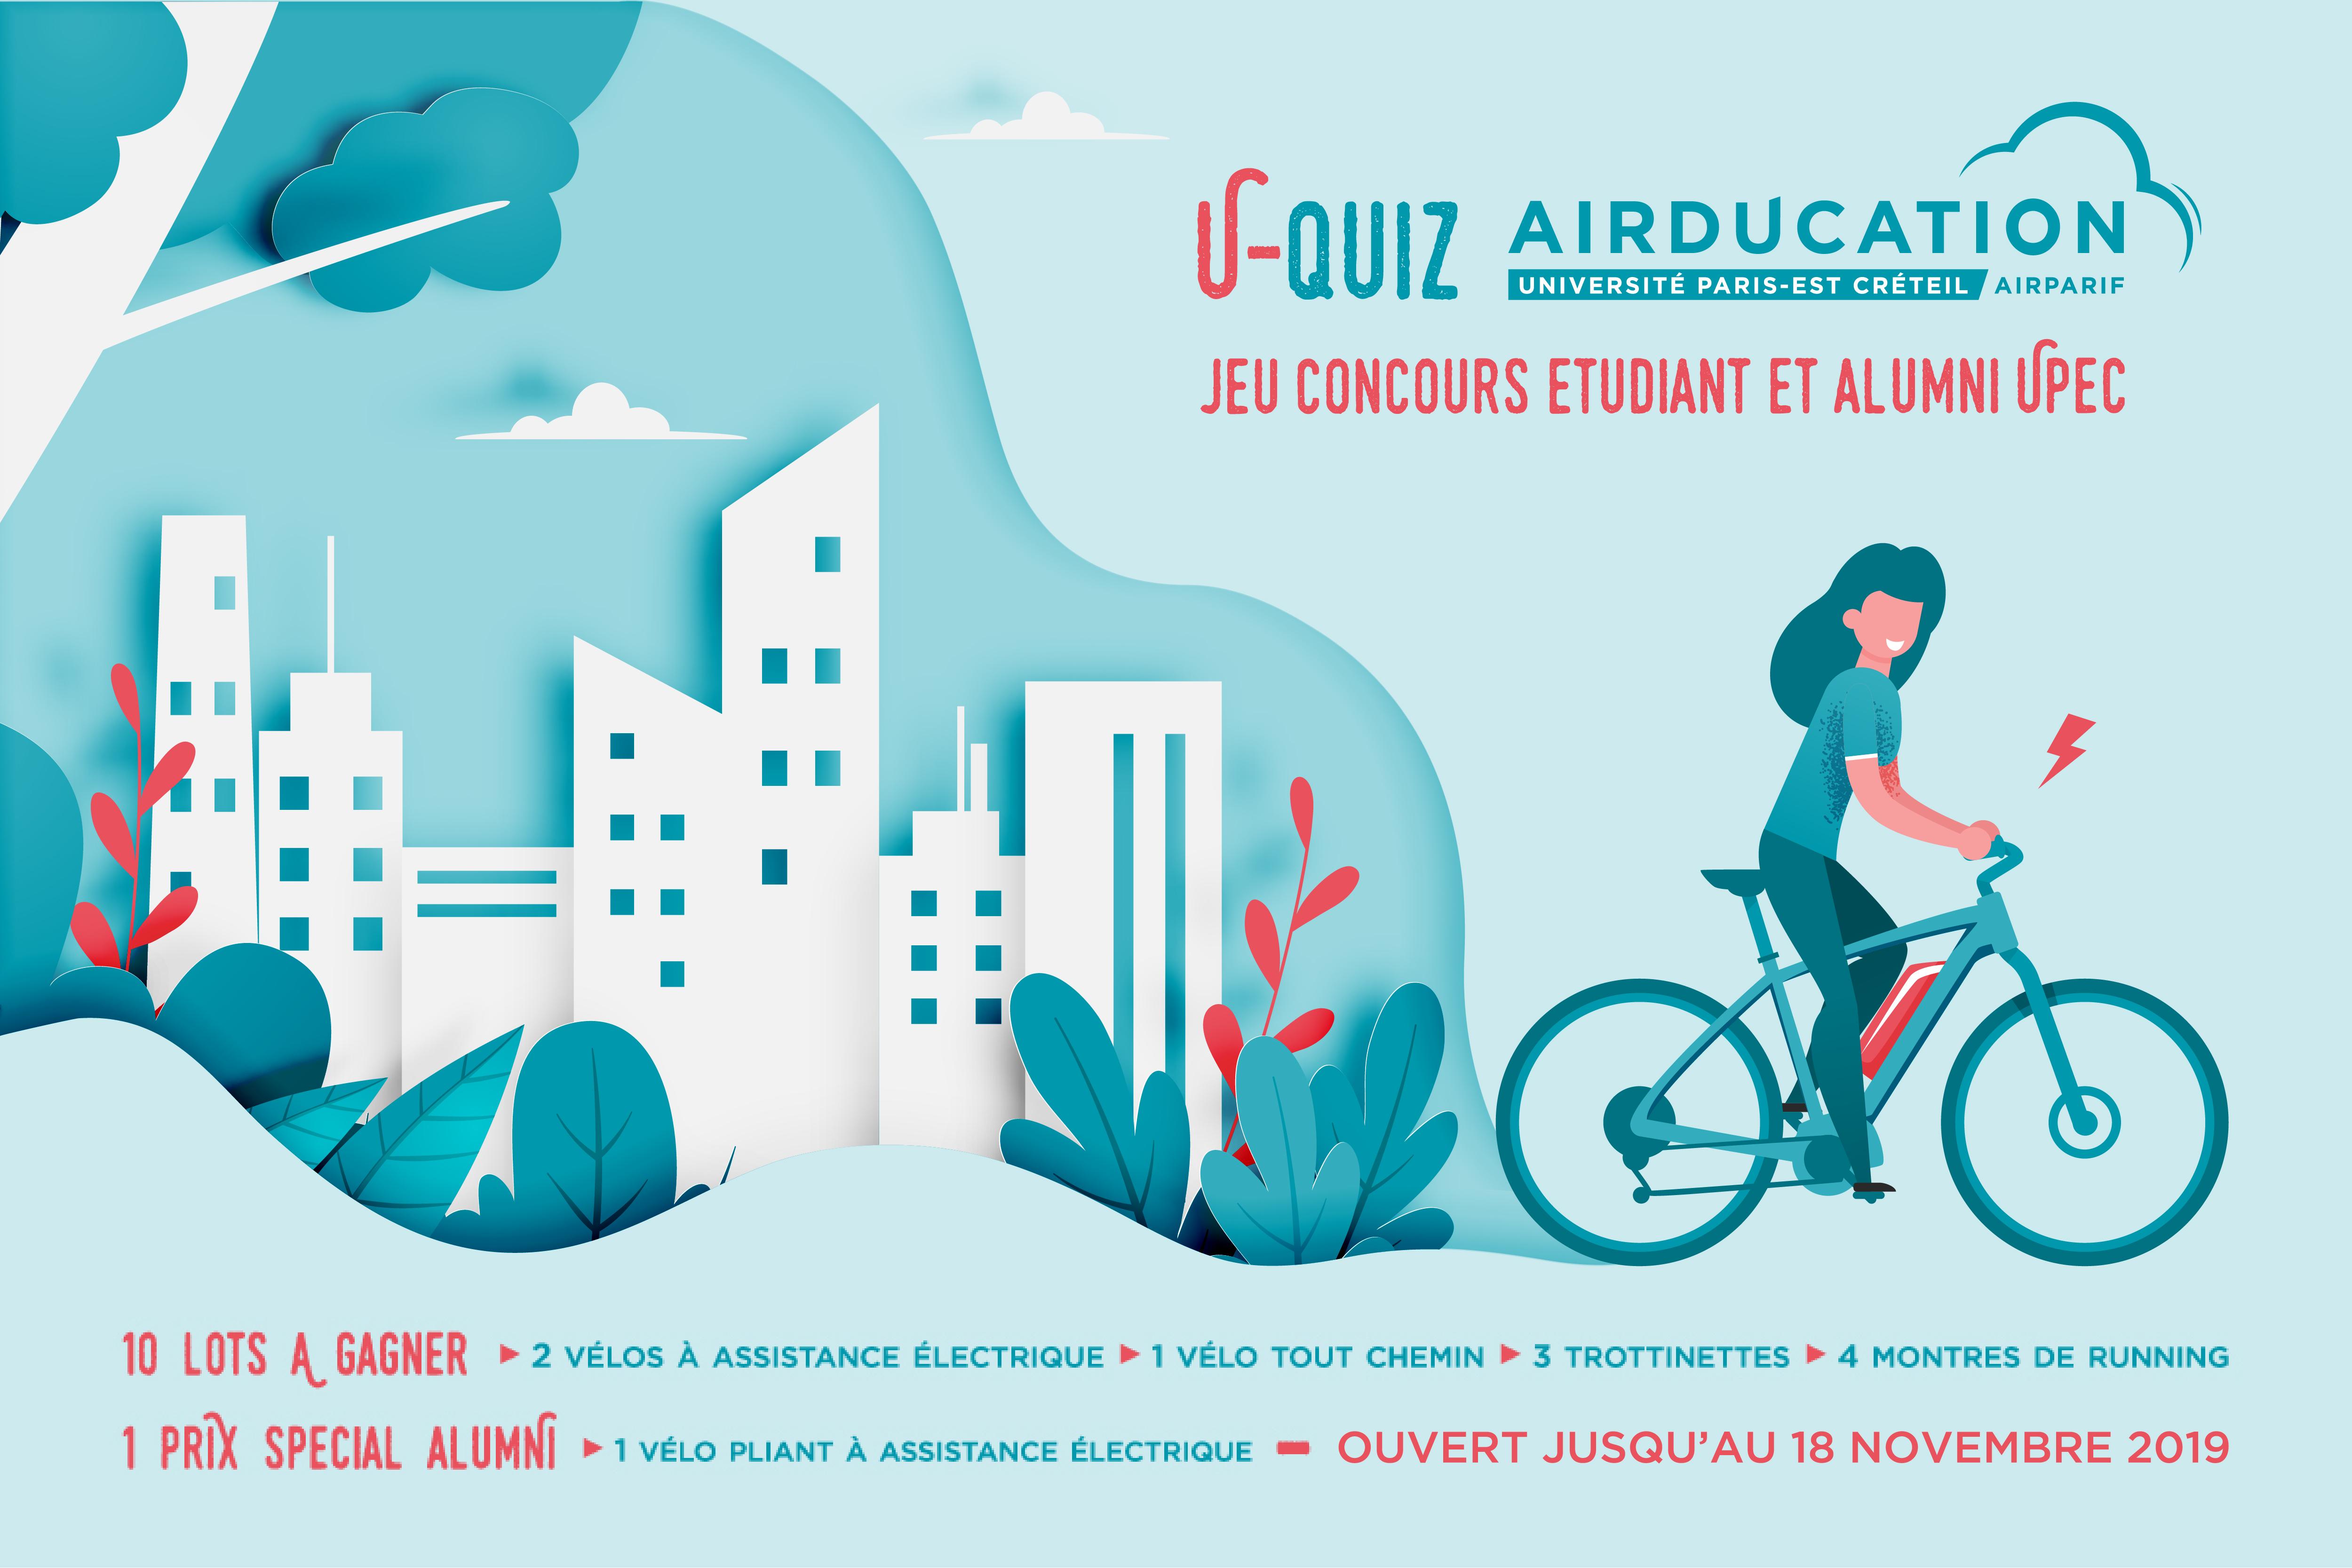 U-QUIZ AIRDUCATION -